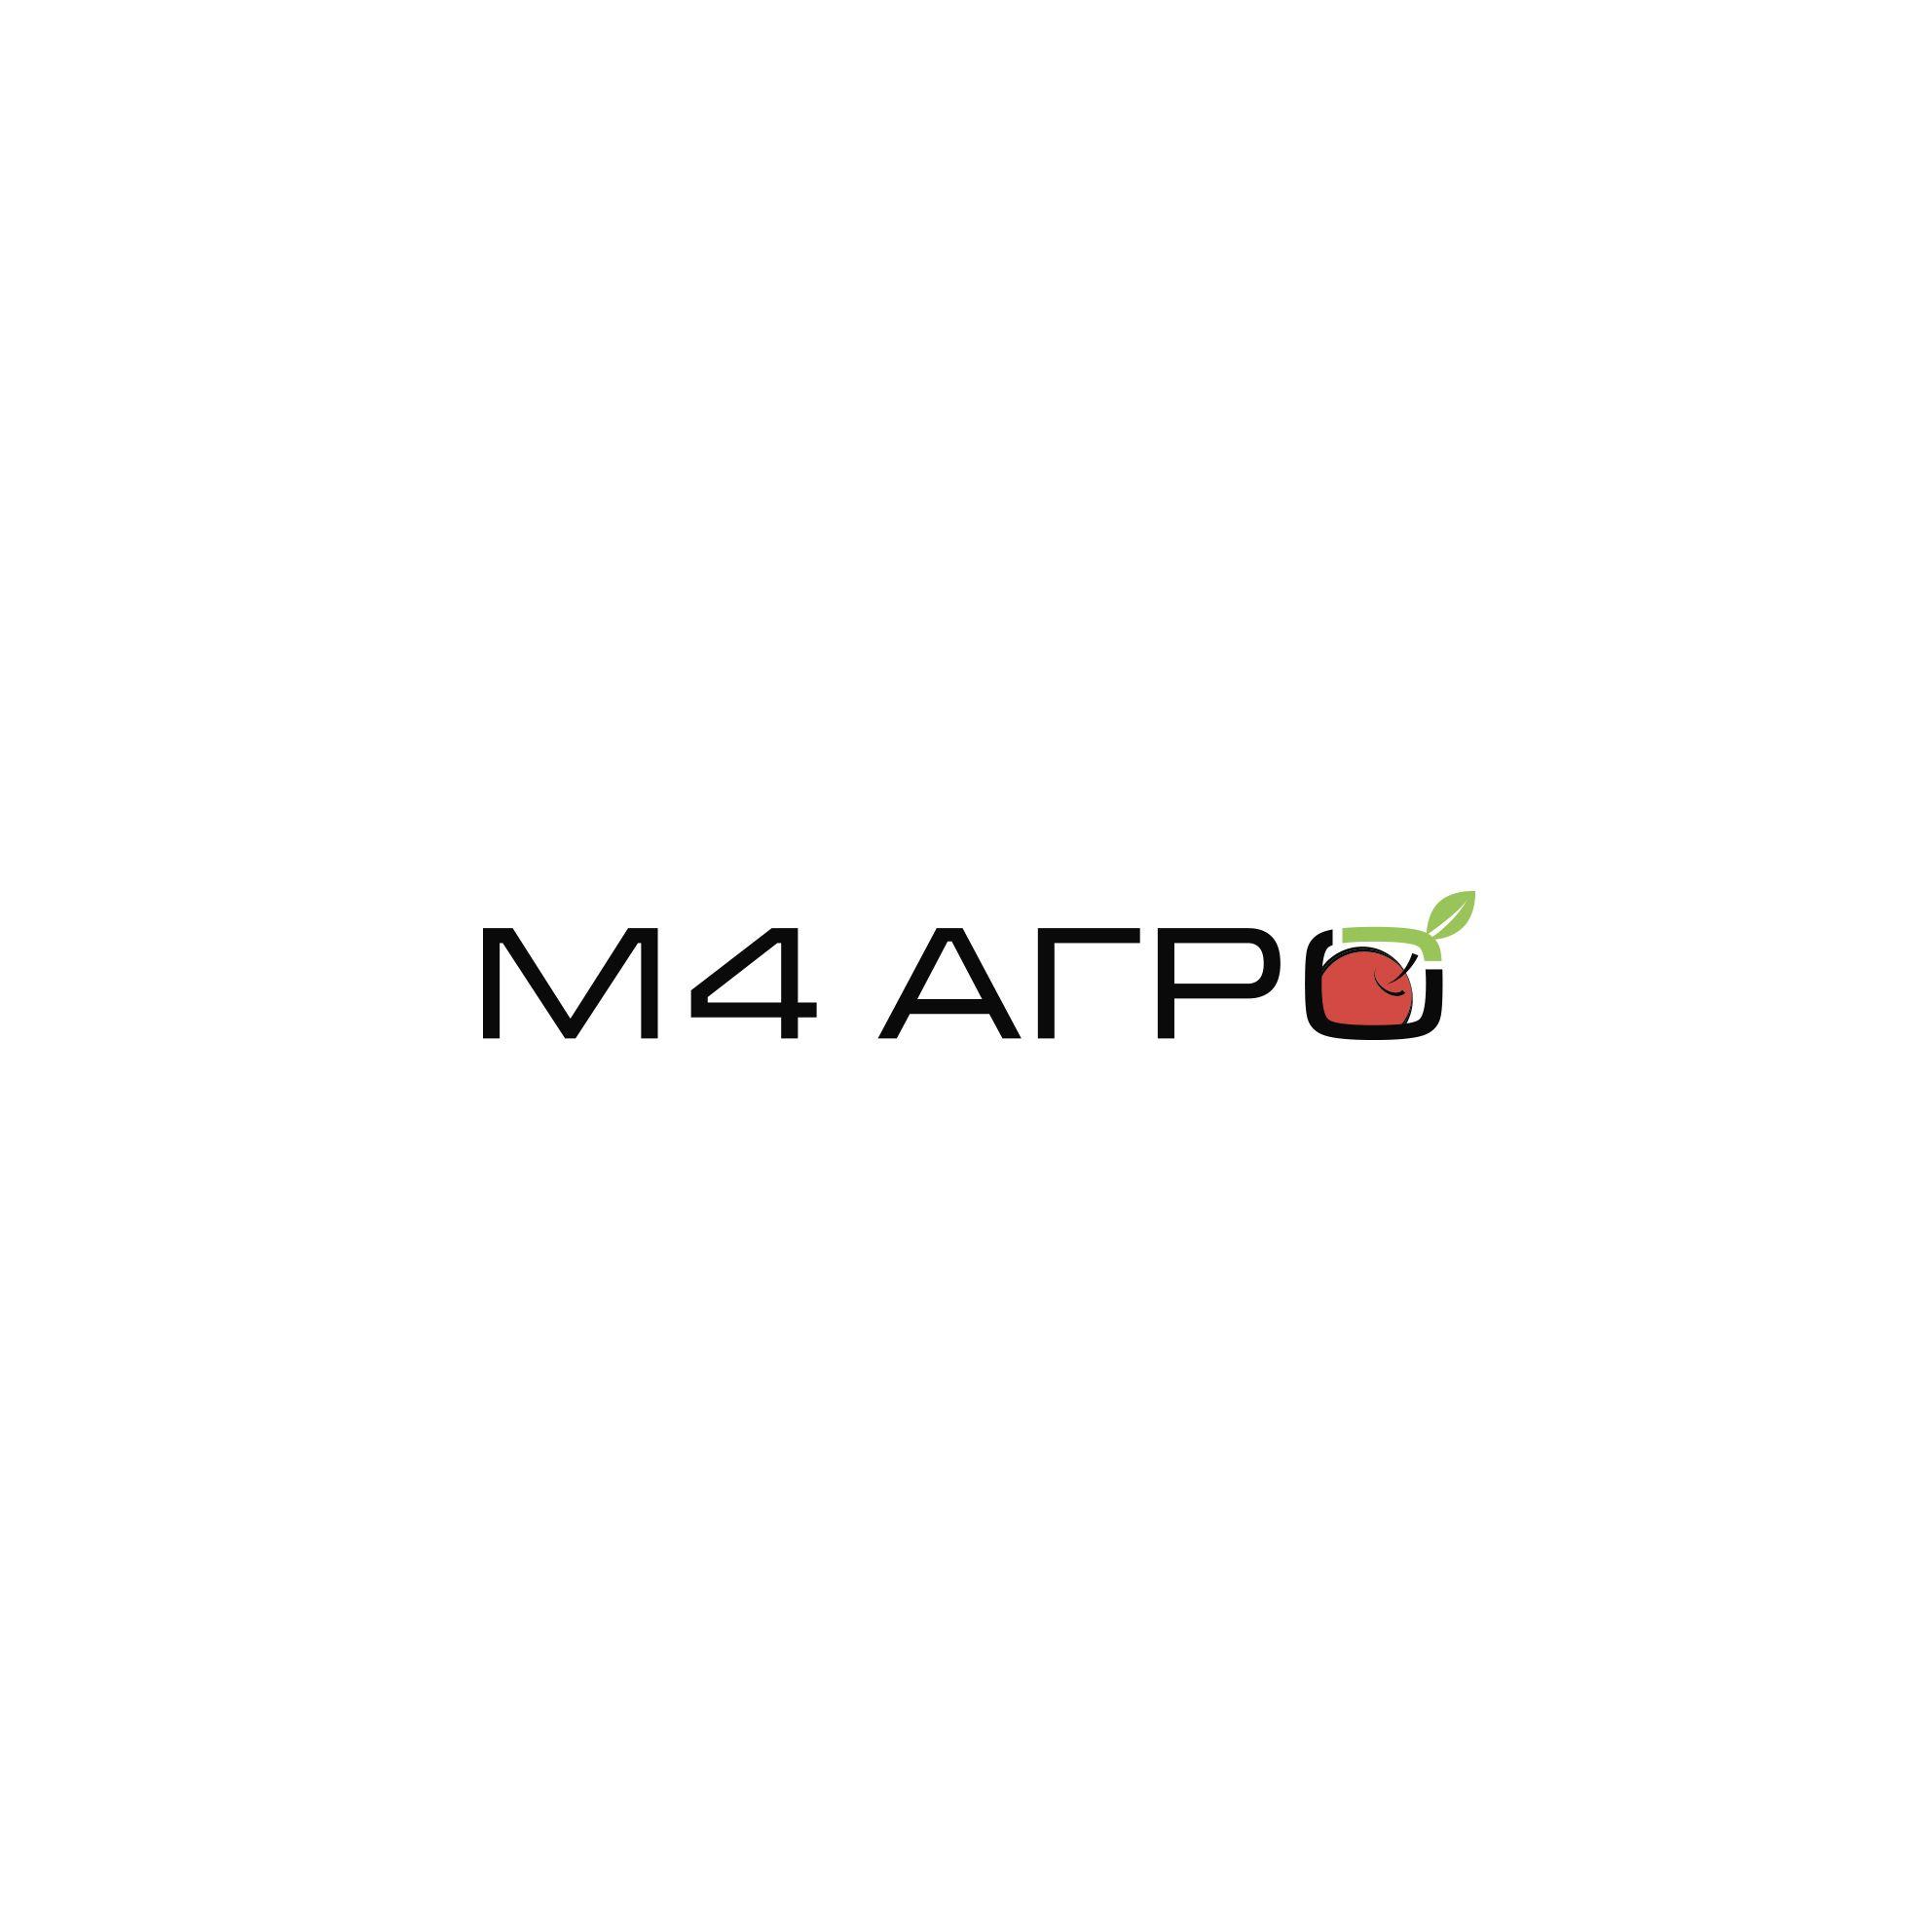 Логотип для M4 АГРО - Российские фрукты - дизайнер mkravchenko